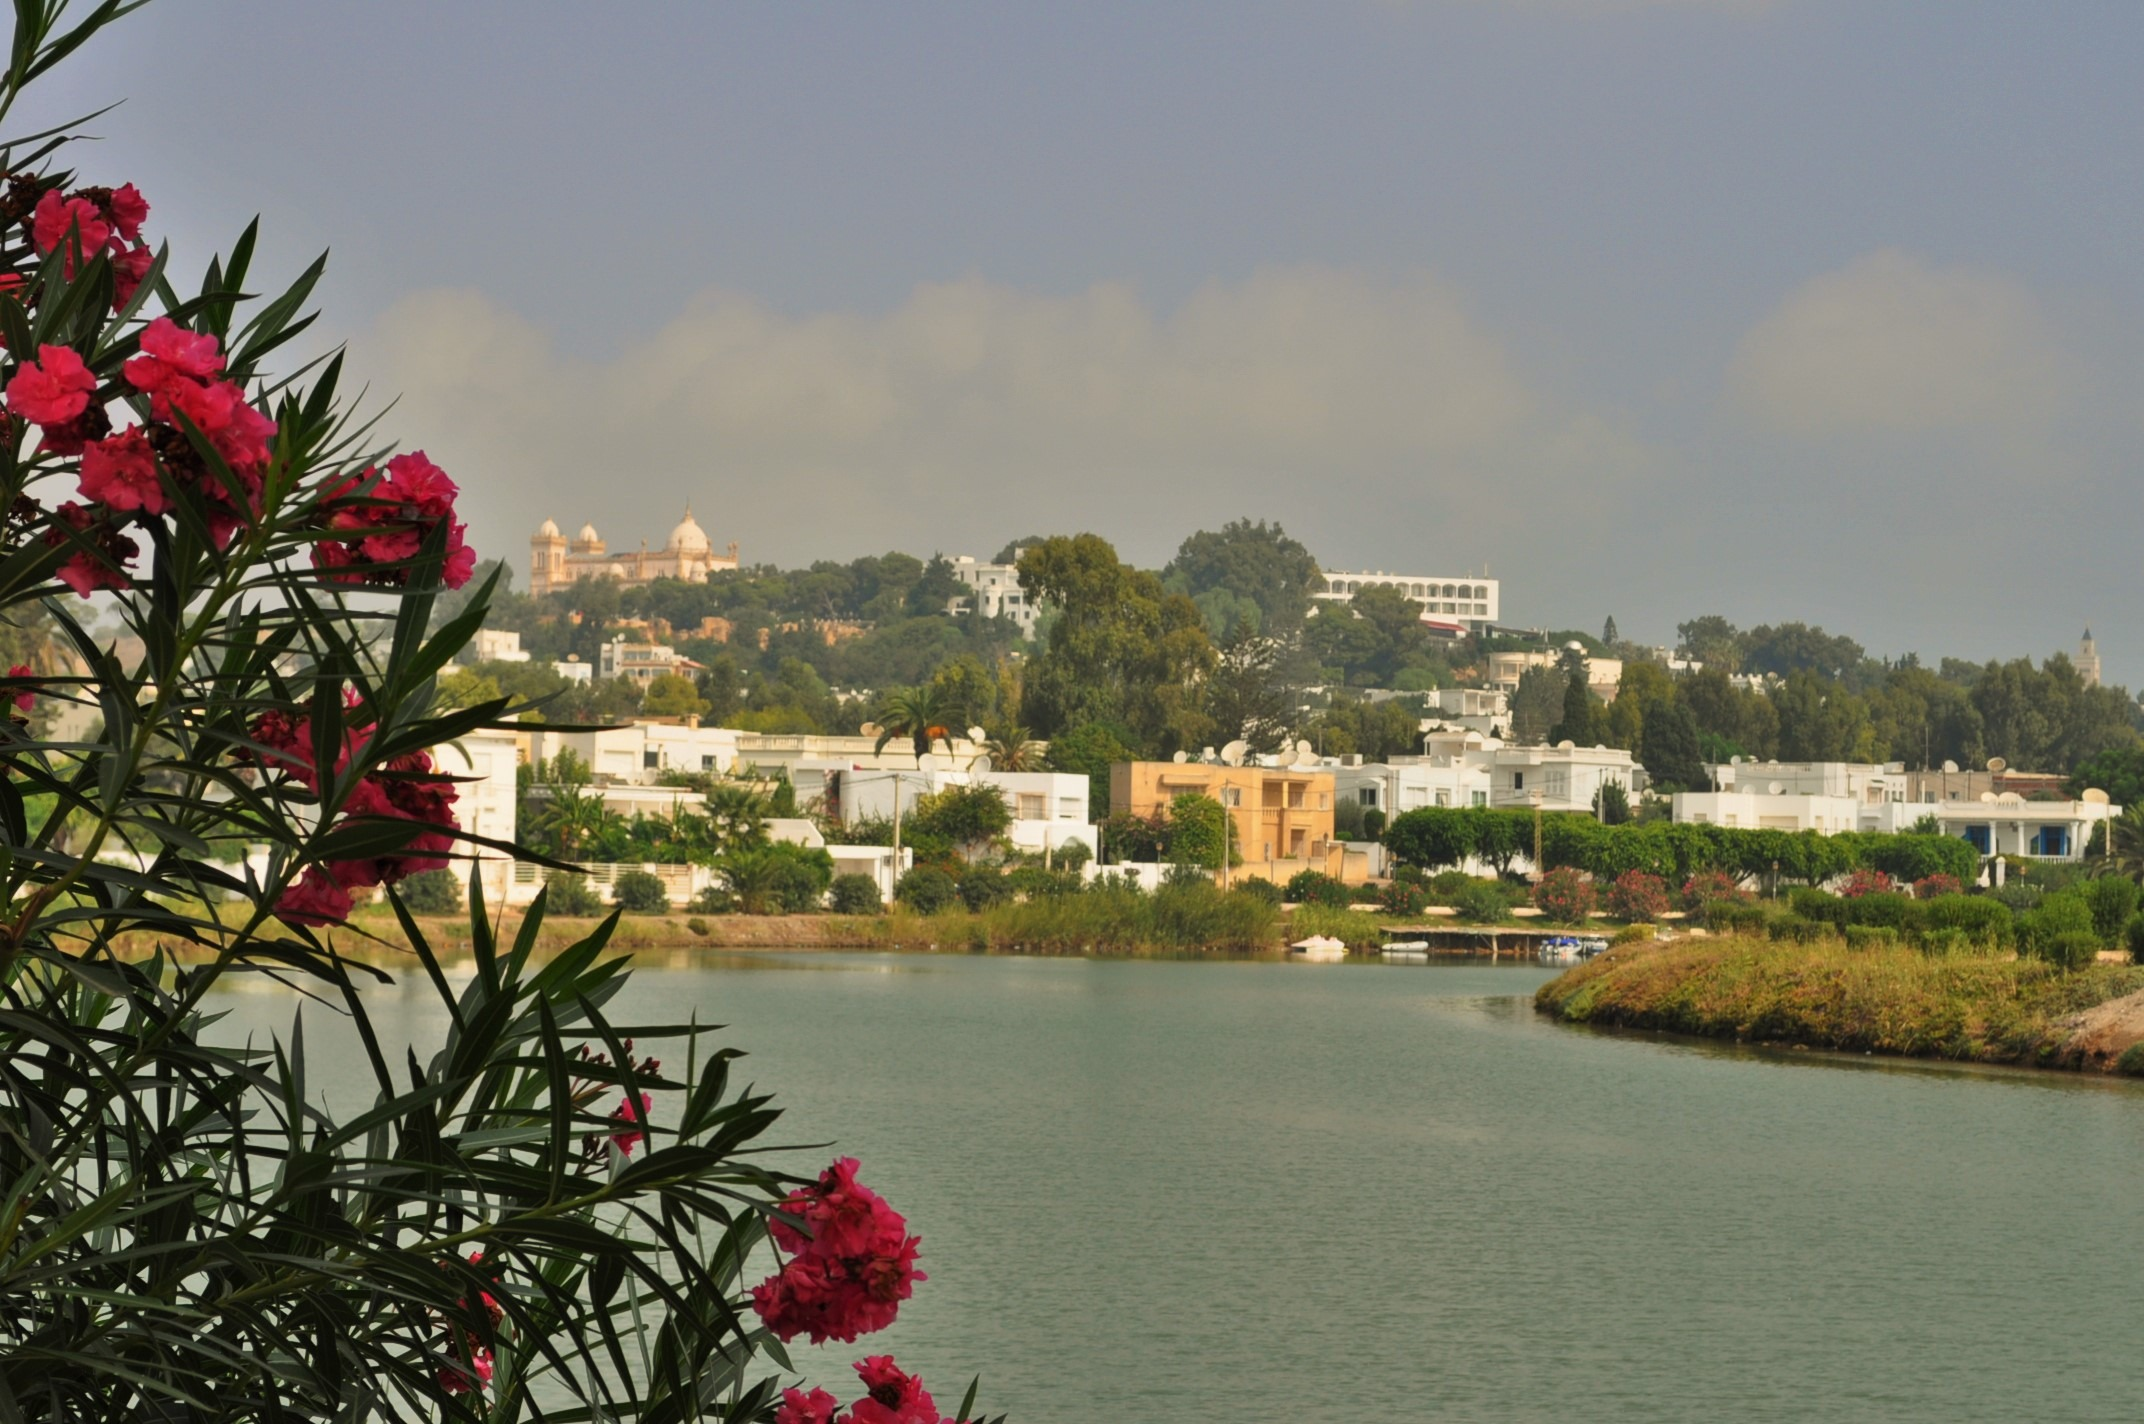 Заведоха ни в покрайнините на град Тунис/столицата на Тунис/, за да ни покажат останките от  легендарния Картаген- градът на славните финикийци, кръстосвали надлъж и шир морета и паланки.